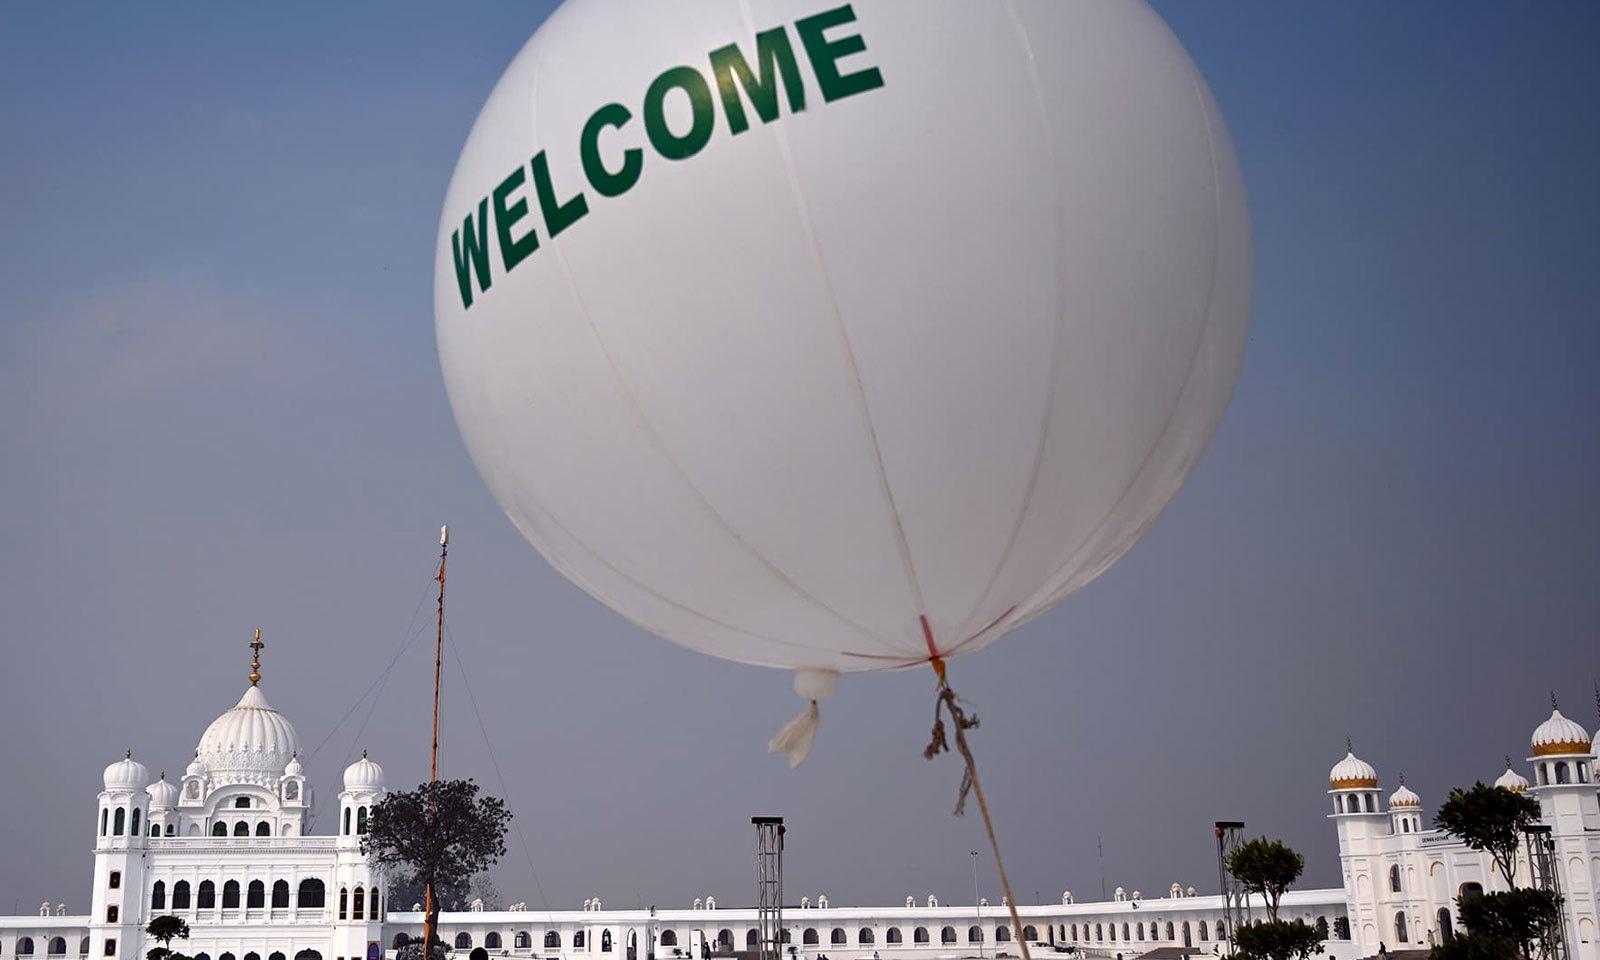 پاکستان نے انتہائی تیزی سے راہداری کی تعمیر کا کام مکمل کیا — فوٹو: اے ایف پی